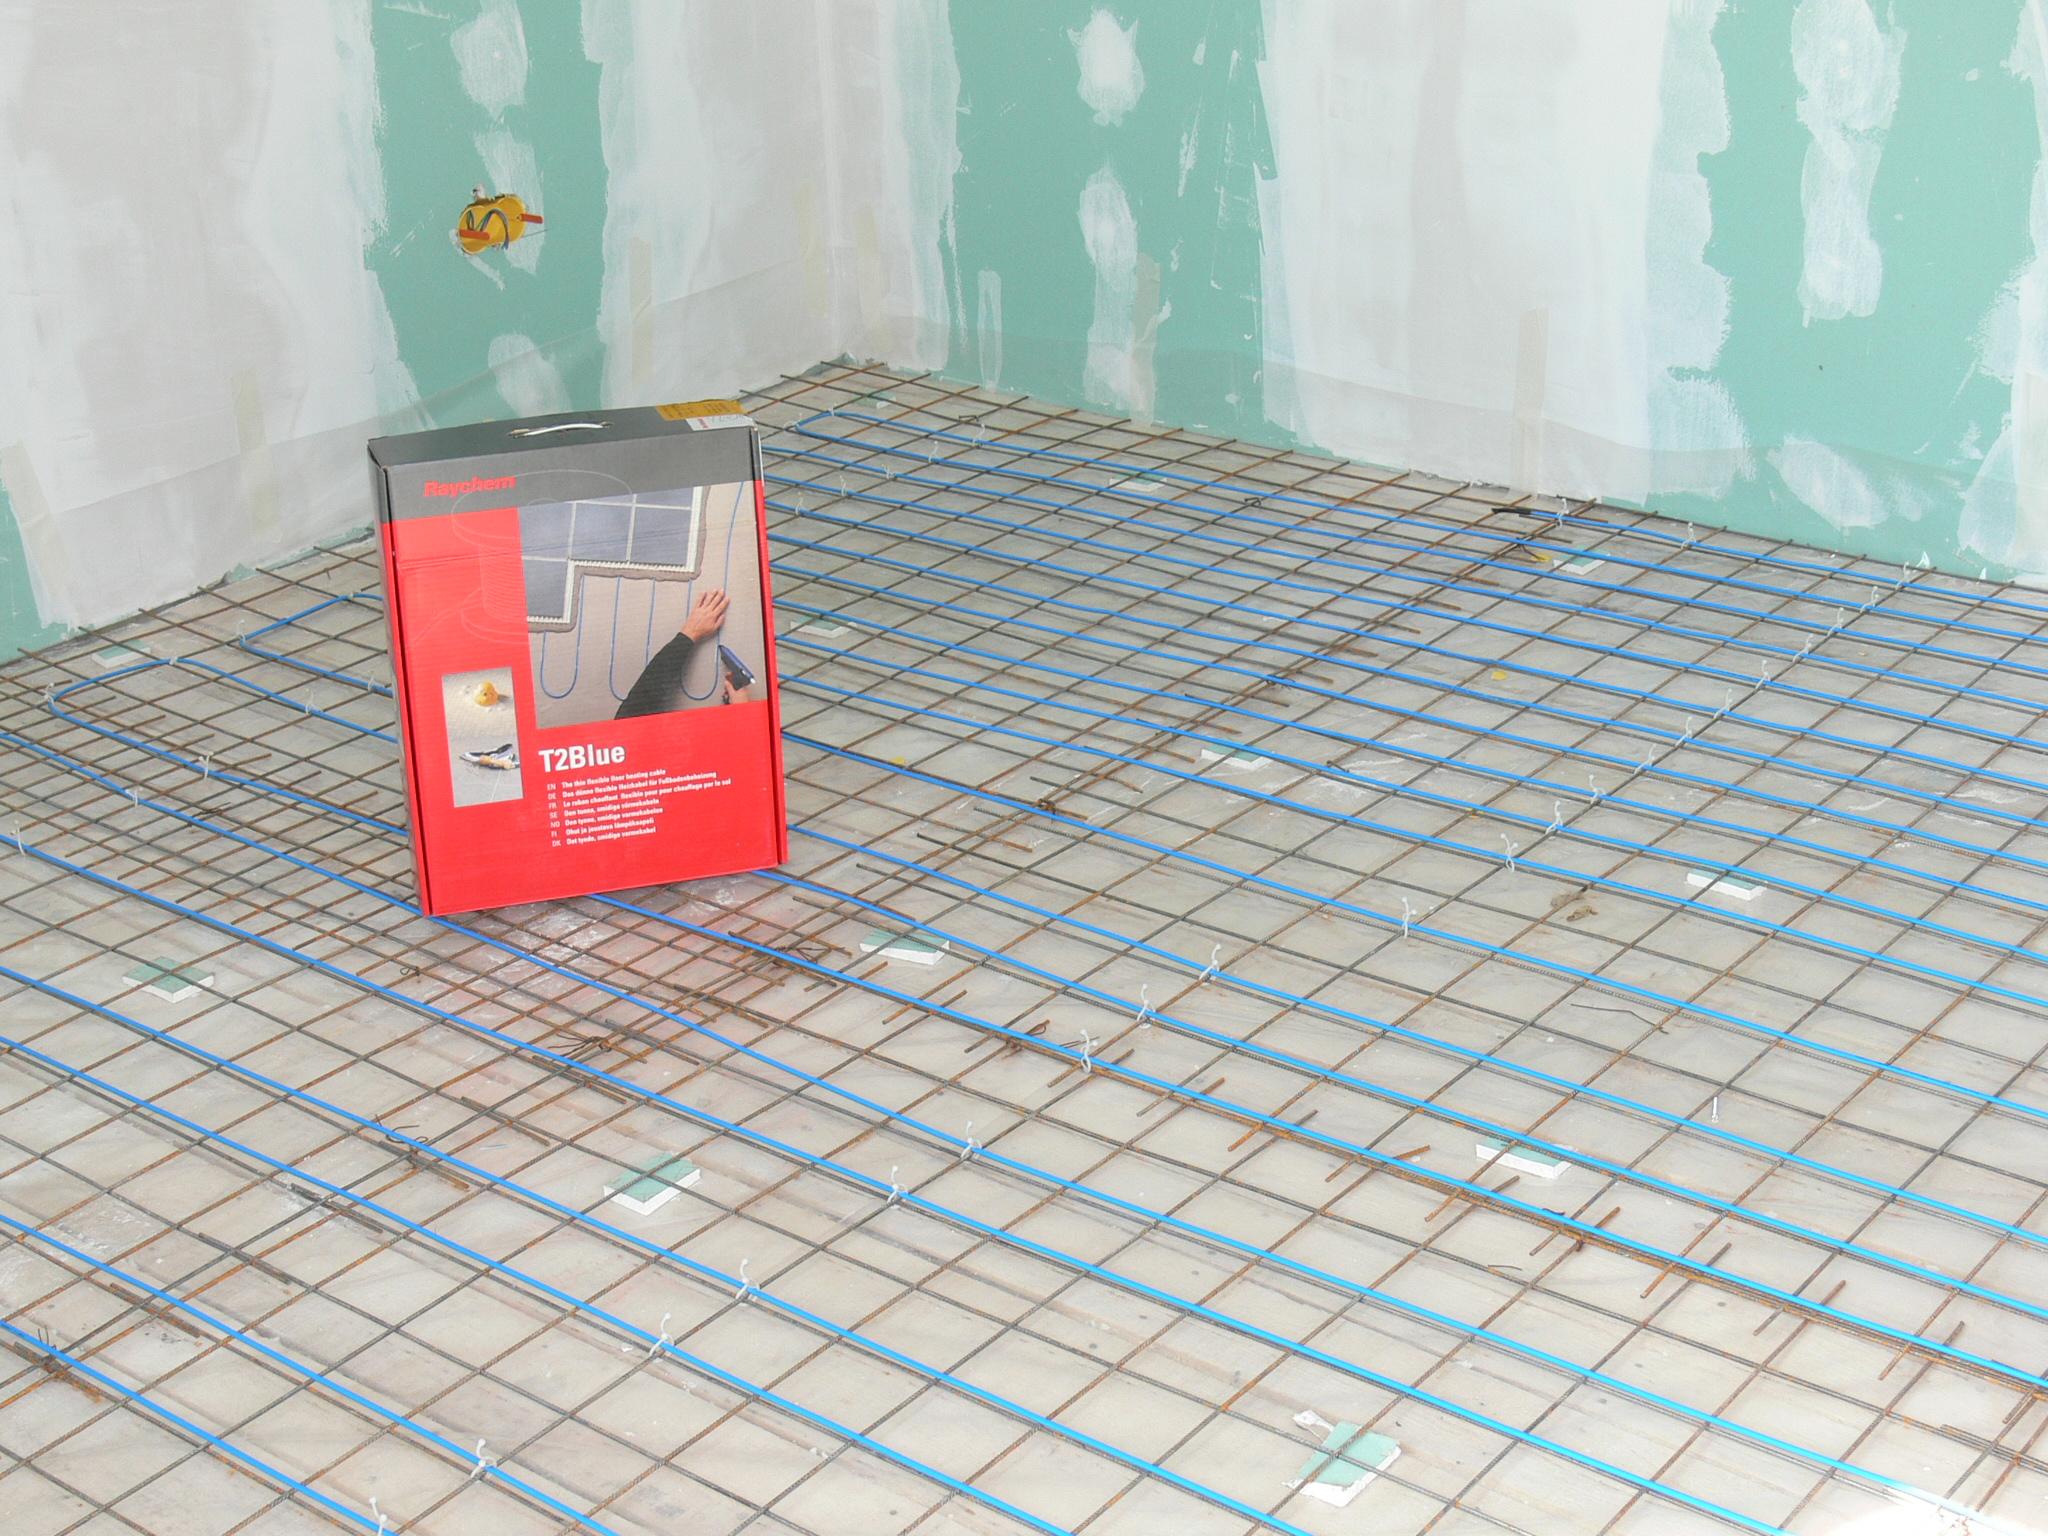 Sistem de incalzire electrica prin pardoseala RAYCHEM - Poza 66